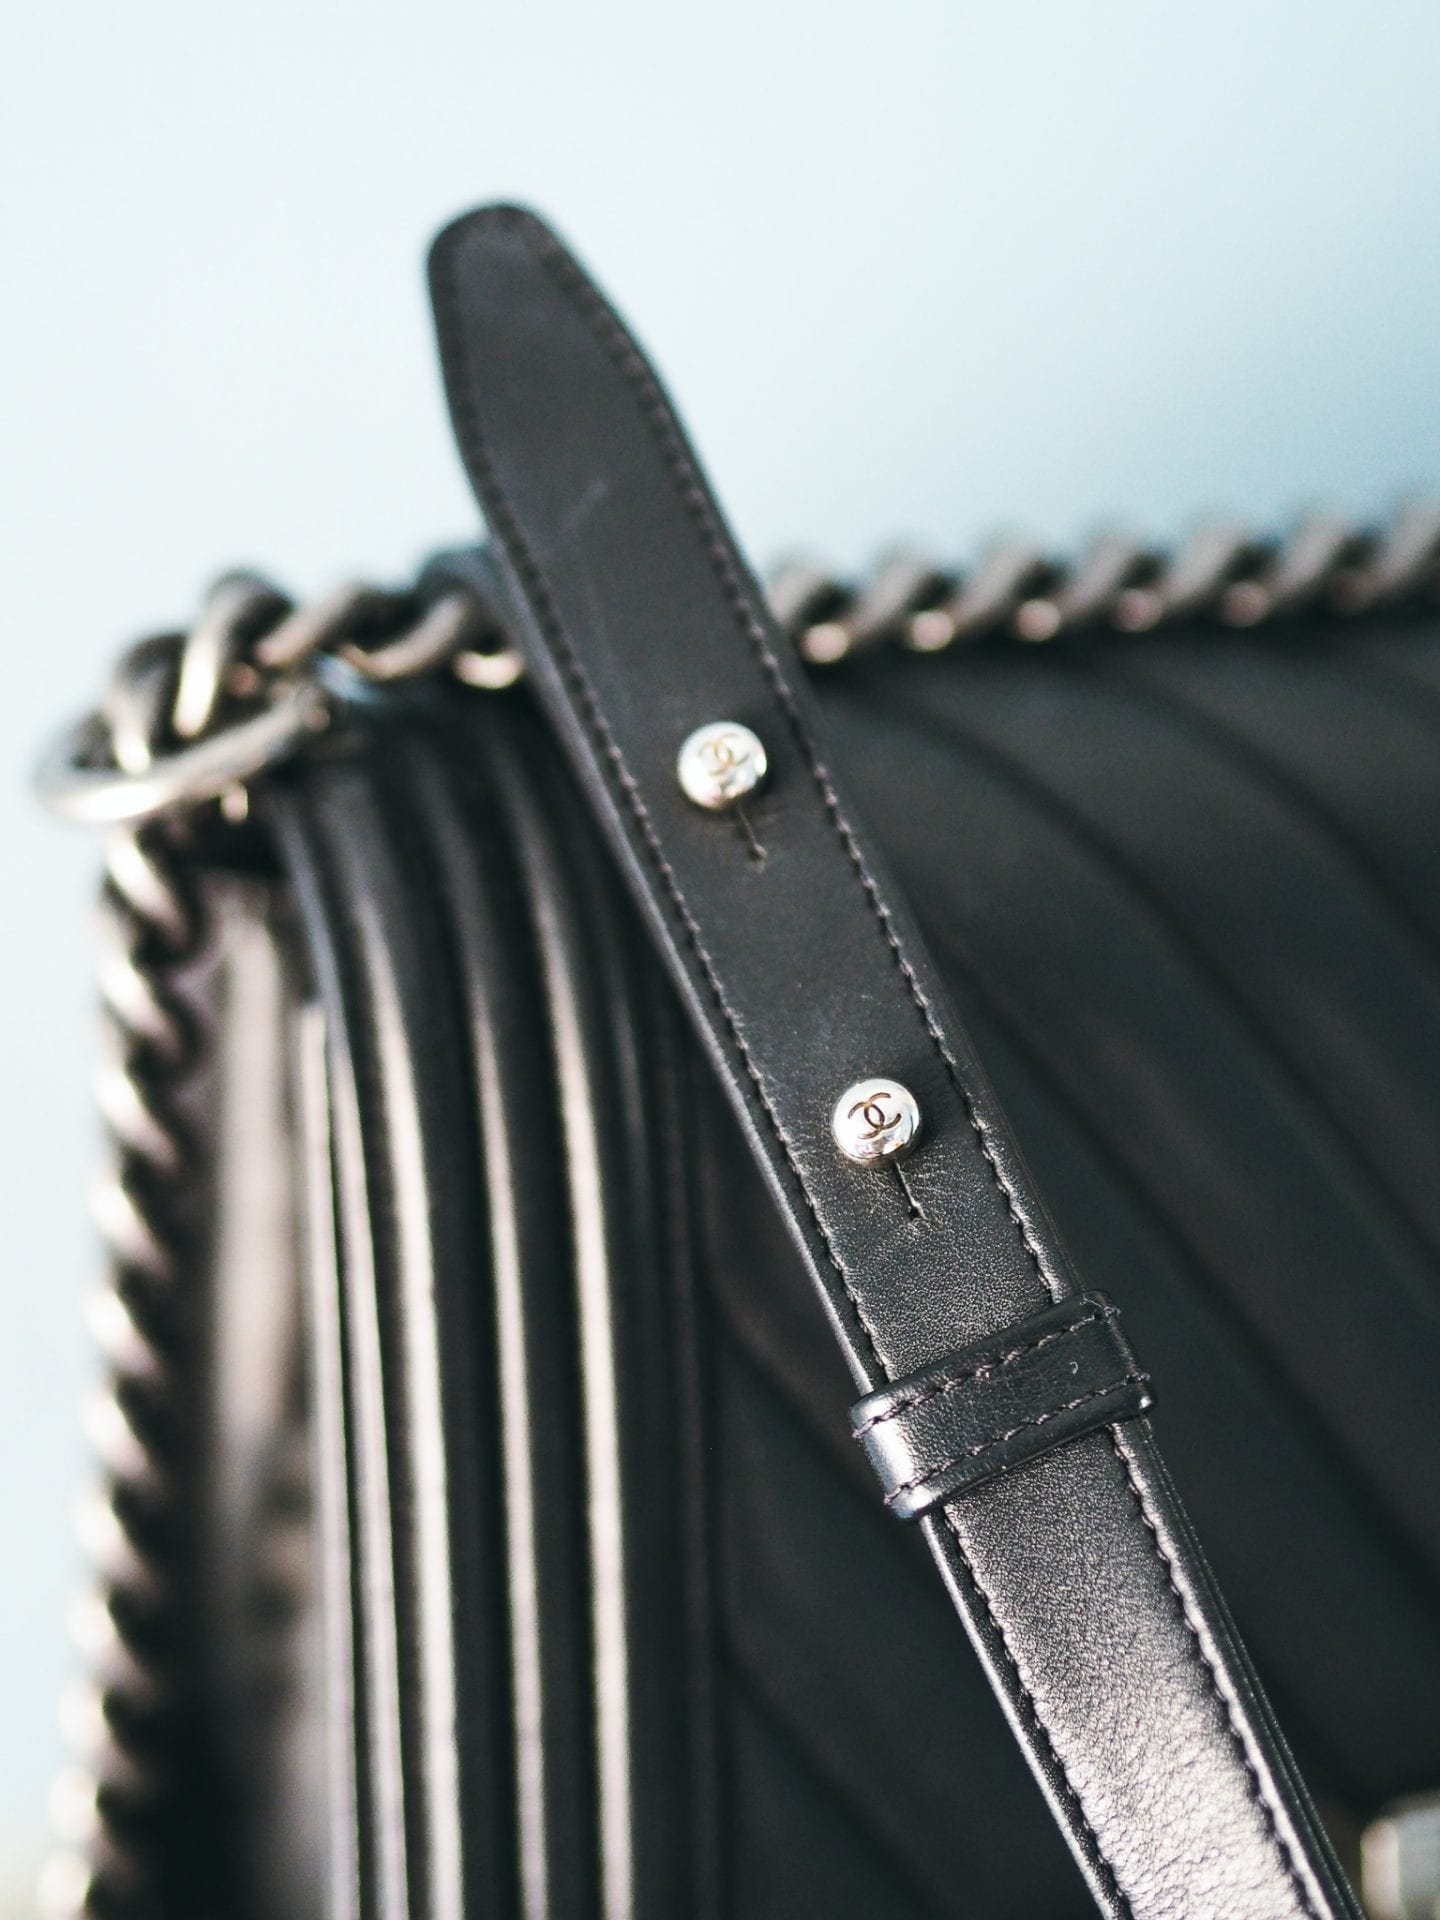 chanel-boy-bag-strap-branding